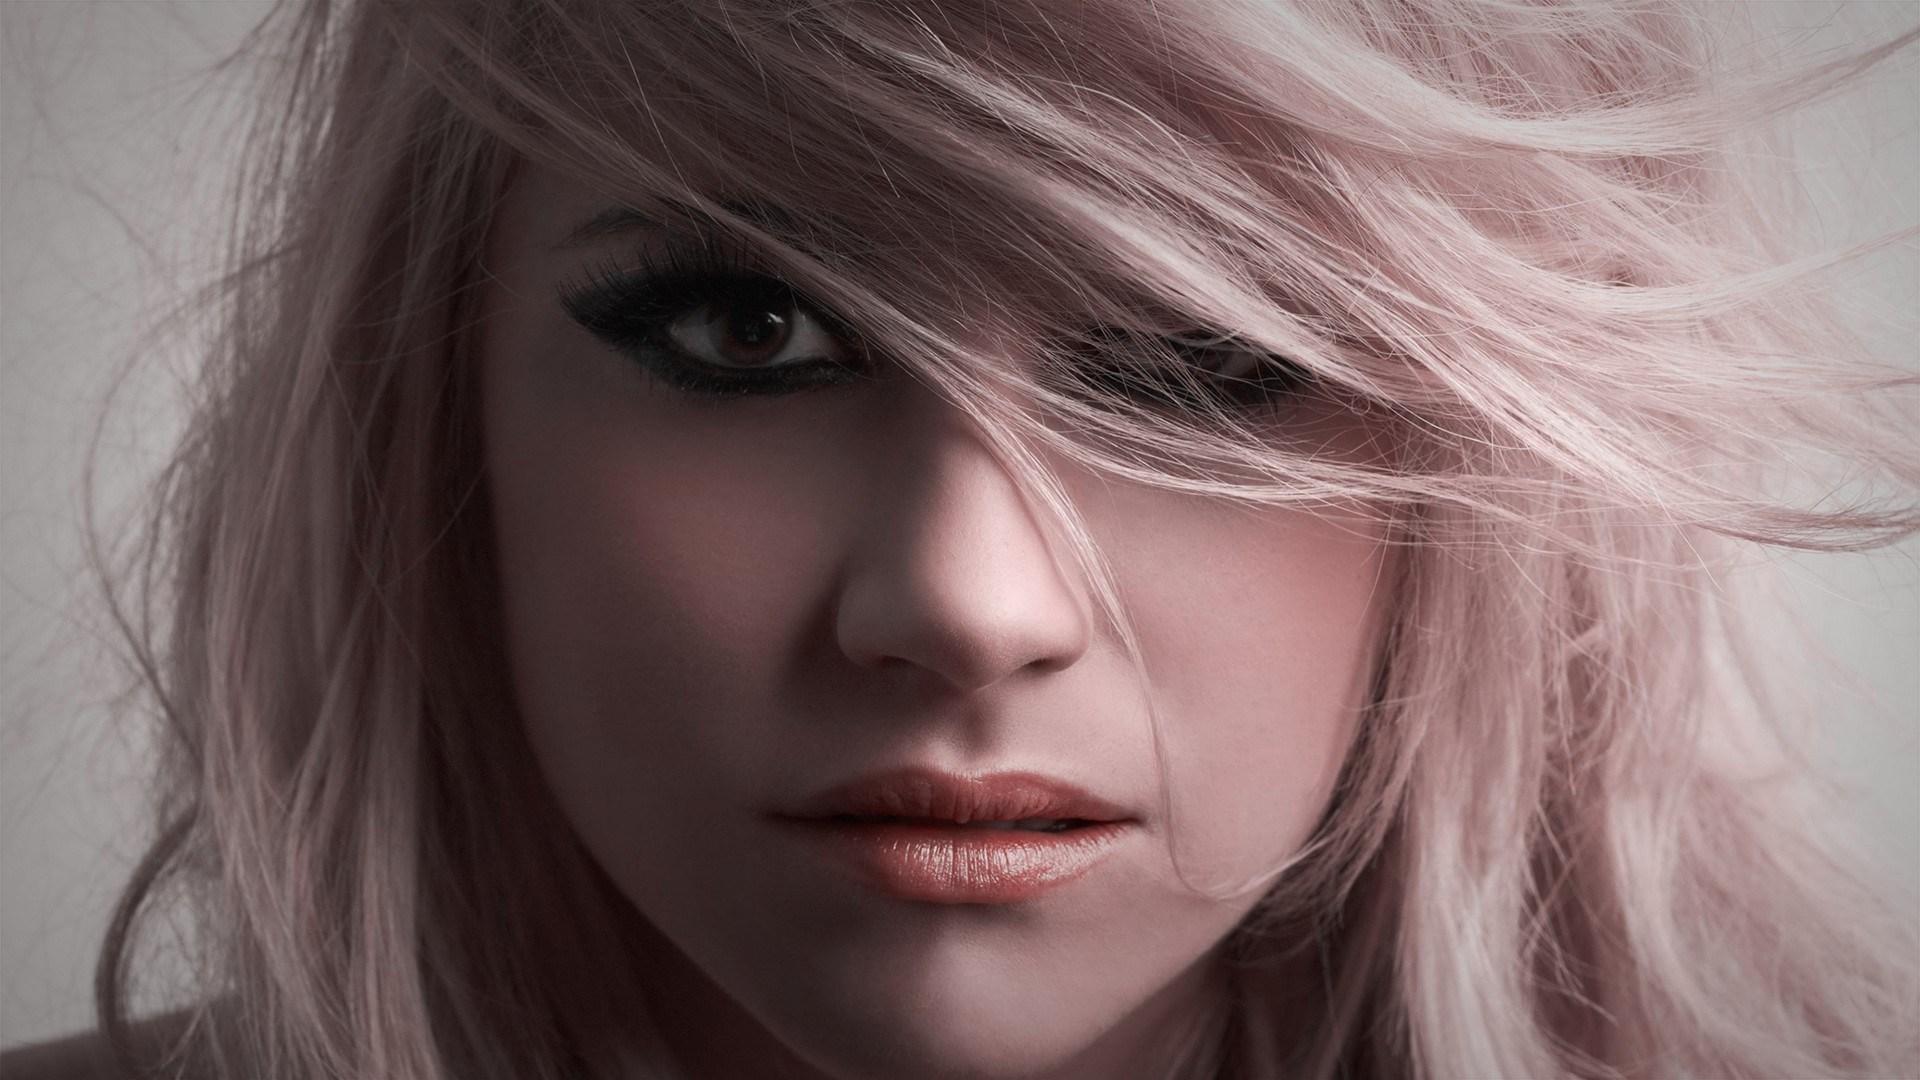 Платиновый блонд (90 фото): кому подойдет такой цвет волос? Как выглядит оттенок платина на блондинках после окрашивания?